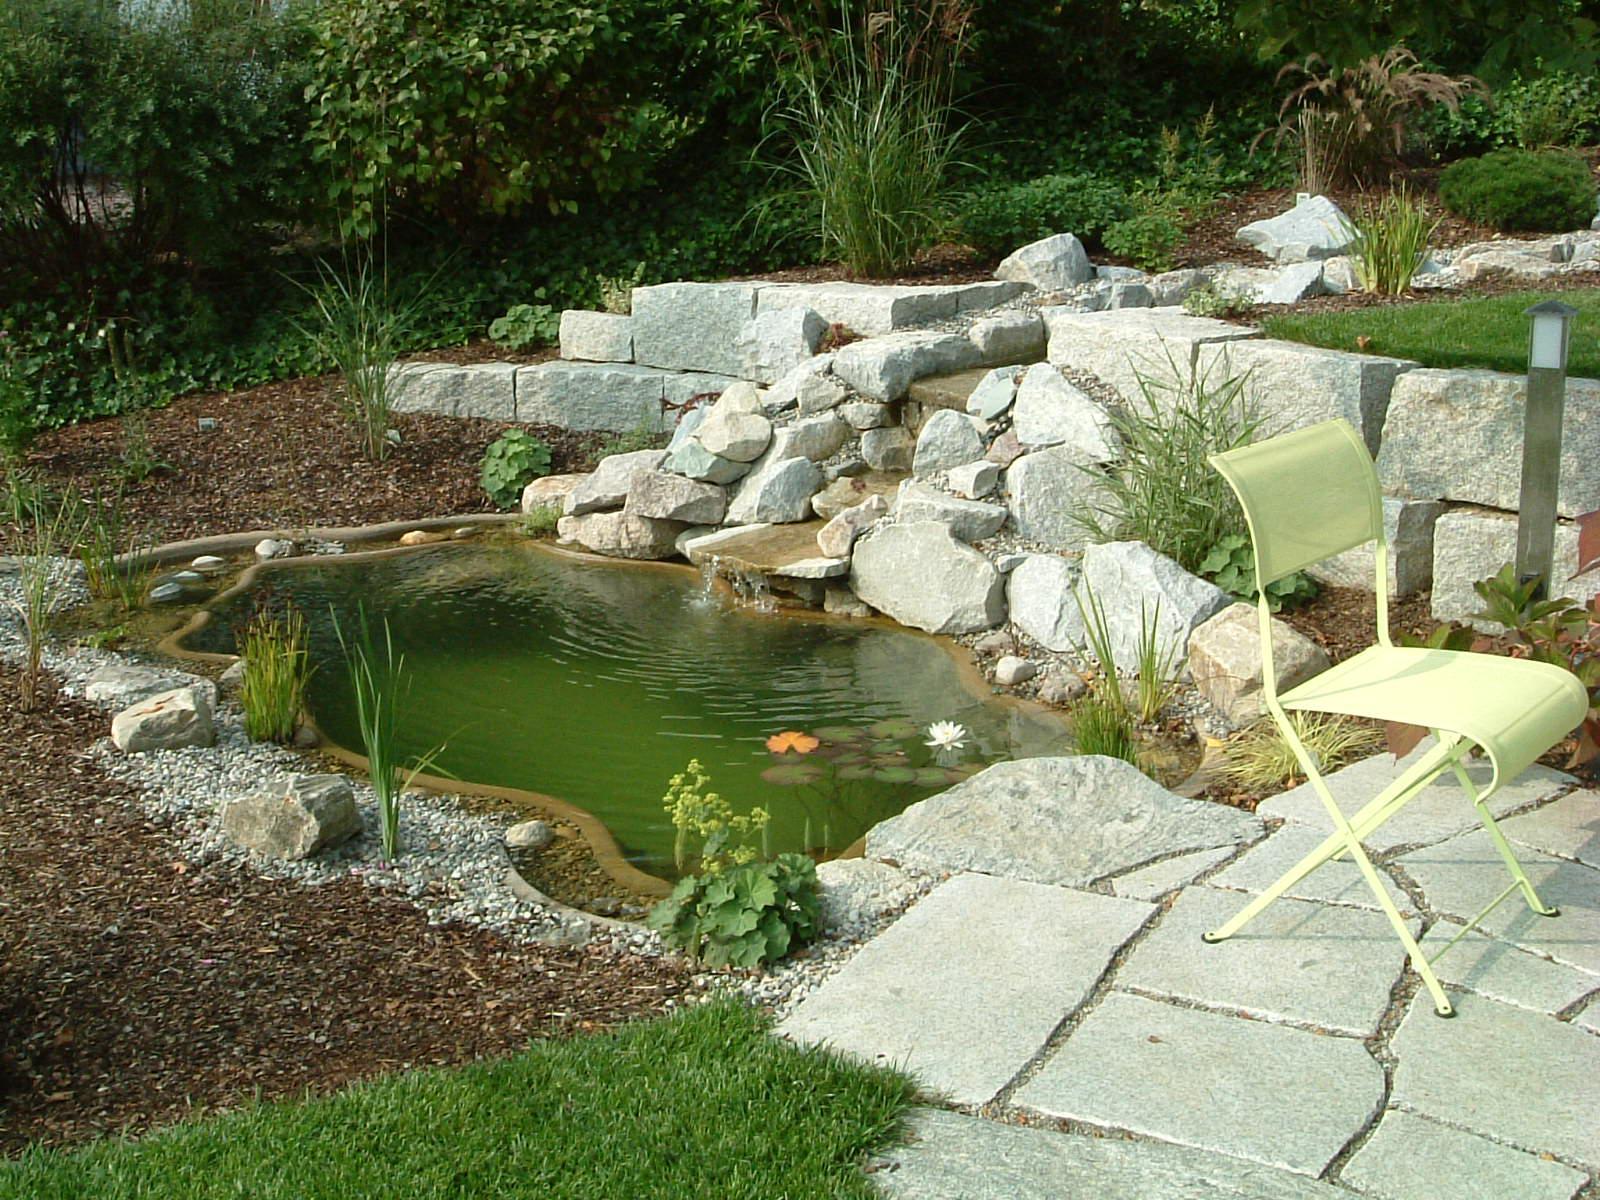 Wasser Im Garten : Wasser im garten die magie des wassern mitterhofer